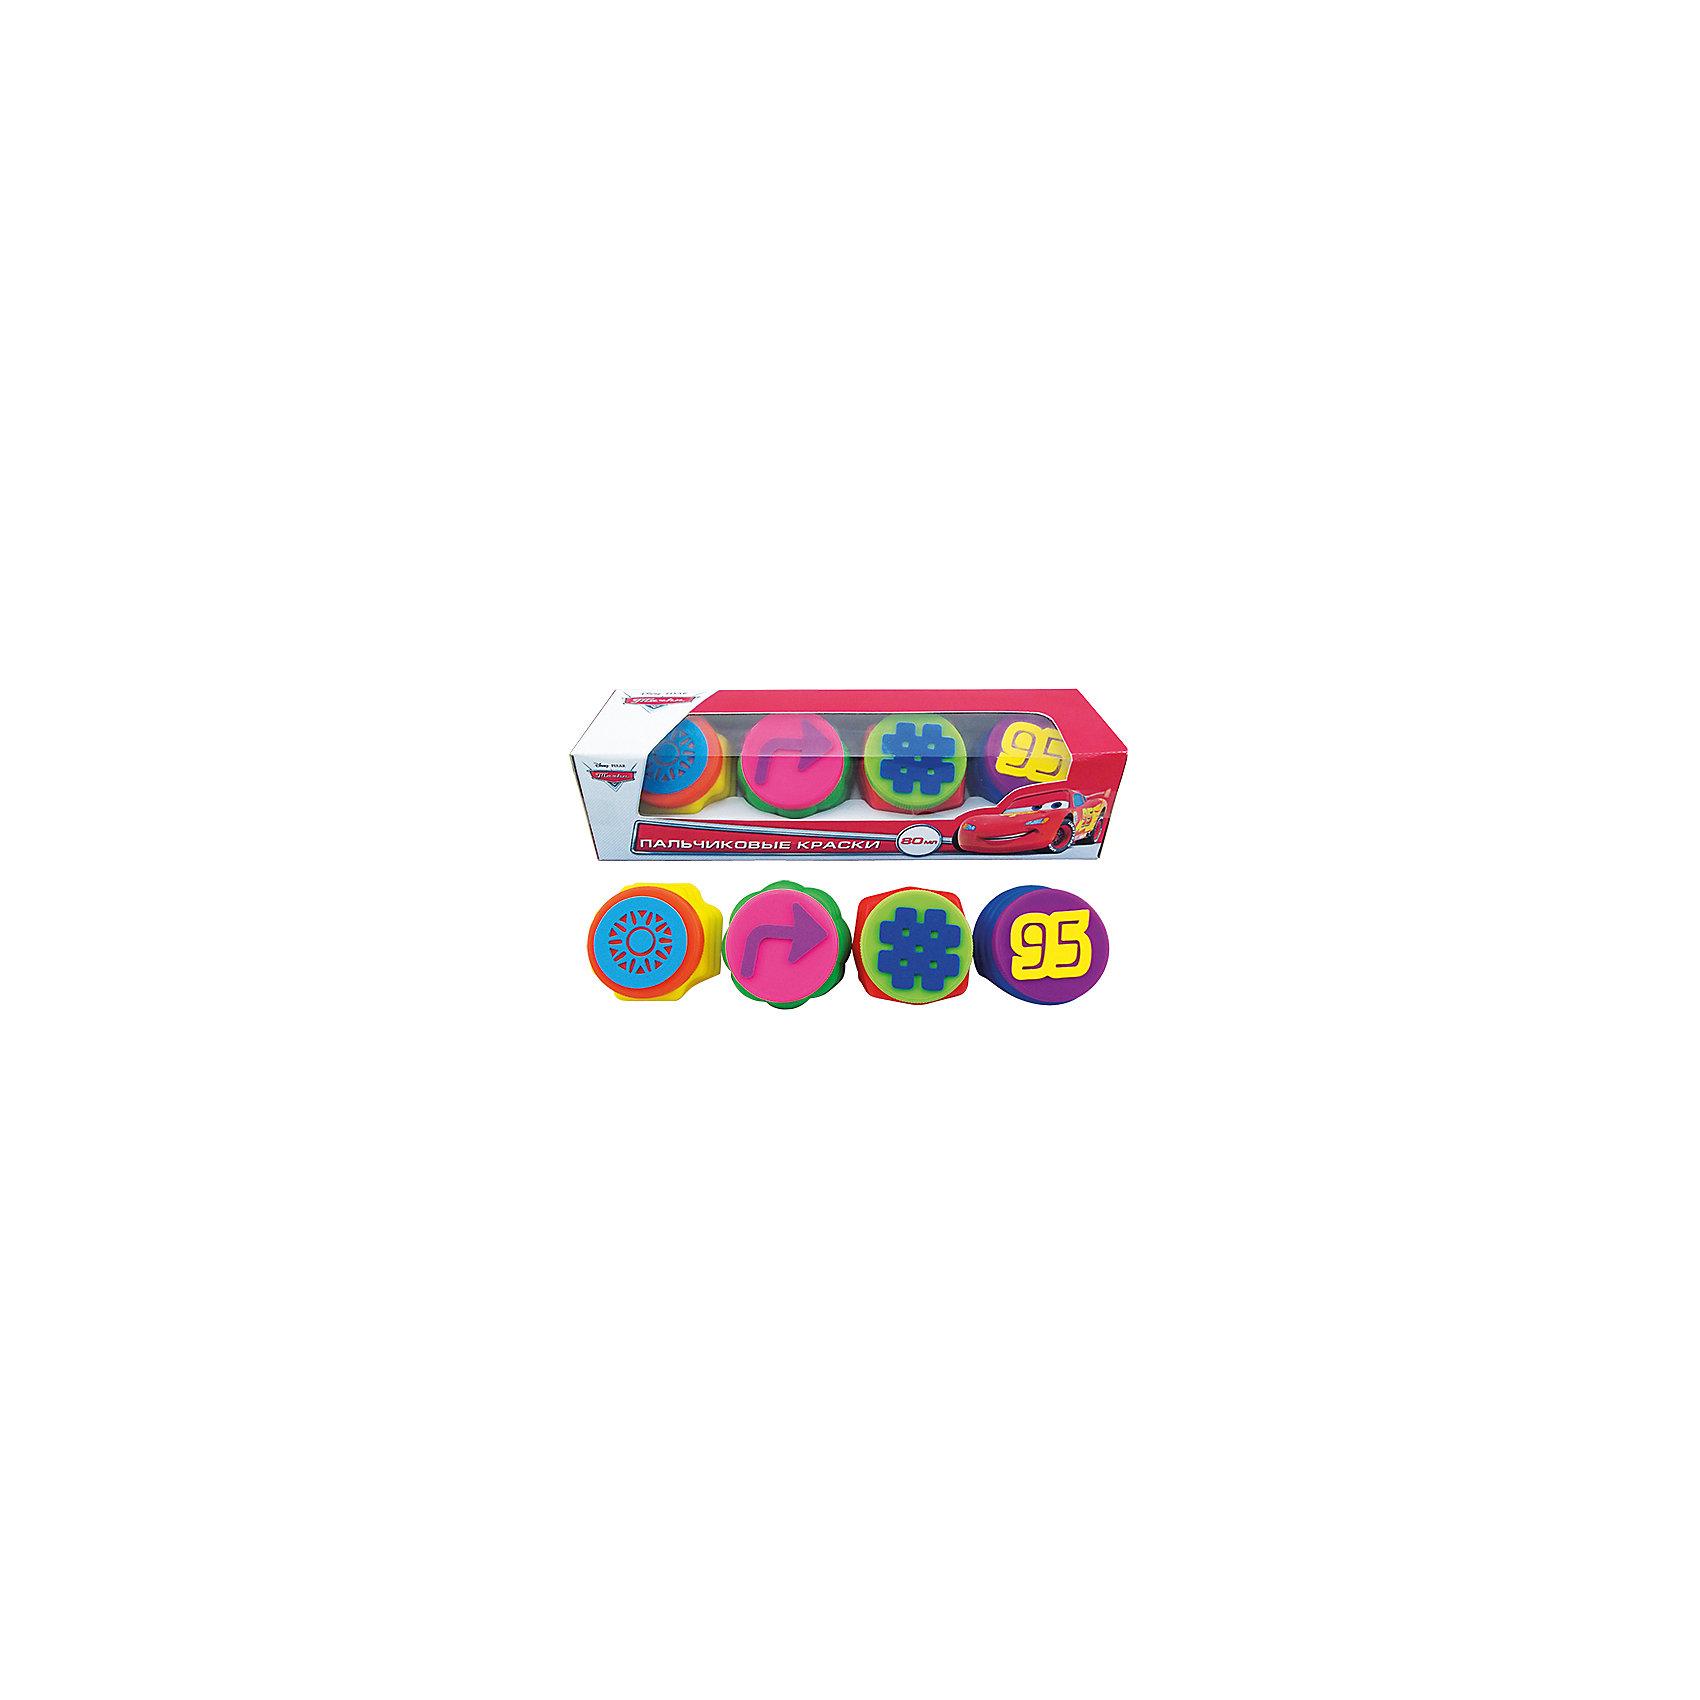 Набор пальчиковых красок с печатями, 4 цвета, ТачкиТворчество для малышей<br>Замечательный Набор пальчиковых красок с печатями, 4 цвета, Тачки – незаменимый предмет для творческого развития малышей. С помощью этого набора малыши могут рисовать не только пальчиками, но и использовать печати, которые прикреплены к крышечкам баночек. Пальчиковые краски хорошо накладываются на любую поверхность, смешиваются и легко смываются с рук и одежды. Их использование развивает тактильные ощущения, цветовое восприятие, зрительную память, творческое мышление, тренирует мелкую моторику, положительно влияет на настроение детей.<br><br>Комплектация: 4 баночки с красками по 20 мл, 4 печати<br><br>Дополнительная информация:<br>-Серия: Тачки<br>-Вес в упаковке: 260 г<br>-Размеры в упаковке: 280х80х80 мм<br>-Материалы: пластик, краски<br><br>Пальчиковые краски – это один из самых удачных способов занять малыша и подарить ему настоящую радость!<br><br>Набор пальчиковых красок с печатями, 4 цвета, Тачки можно купить в нашем магазине.<br><br>Ширина мм: 280<br>Глубина мм: 80<br>Высота мм: 80<br>Вес г: 260<br>Возраст от месяцев: 12<br>Возраст до месяцев: 48<br>Пол: Мужской<br>Возраст: Детский<br>SKU: 4079303